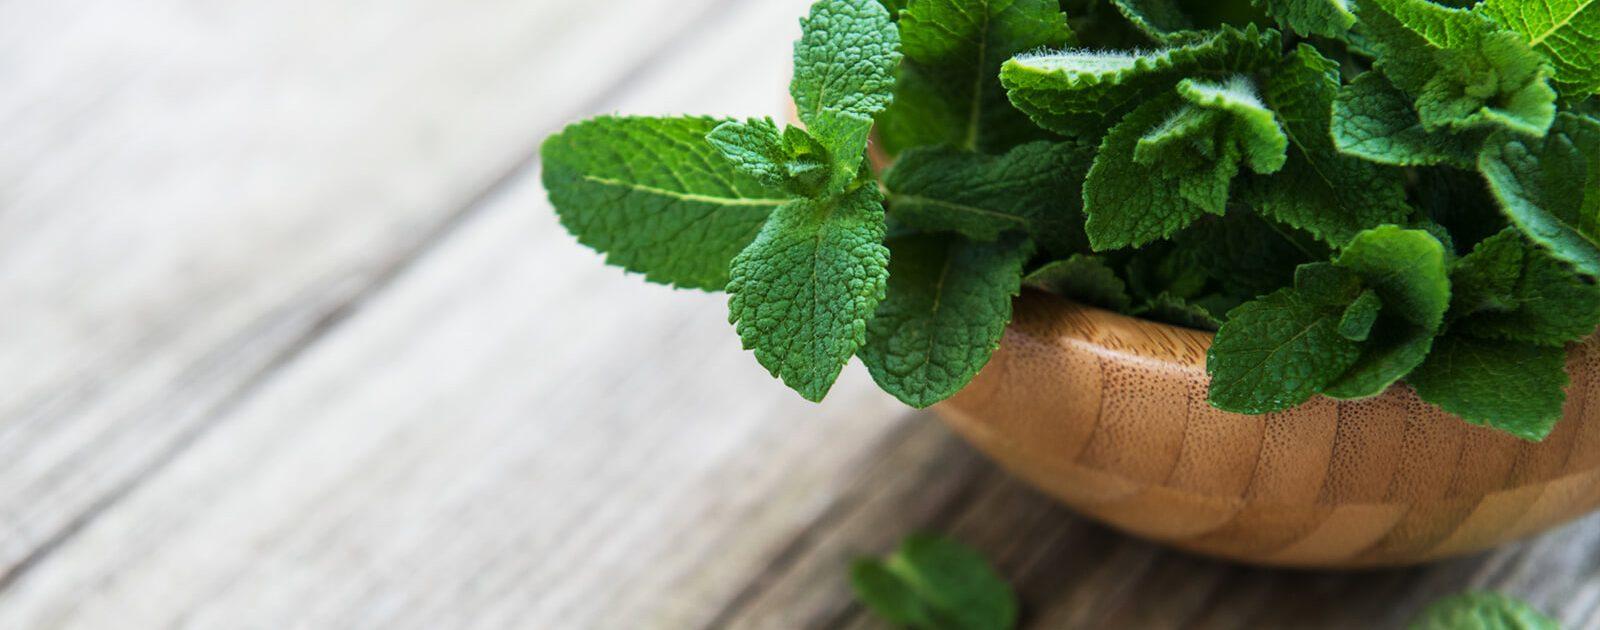 Pfefferminzblätter in Großaufnahme; Die Heilpflanze gilt als beliebtes Hausmittel gegen Magenbeschwerden.